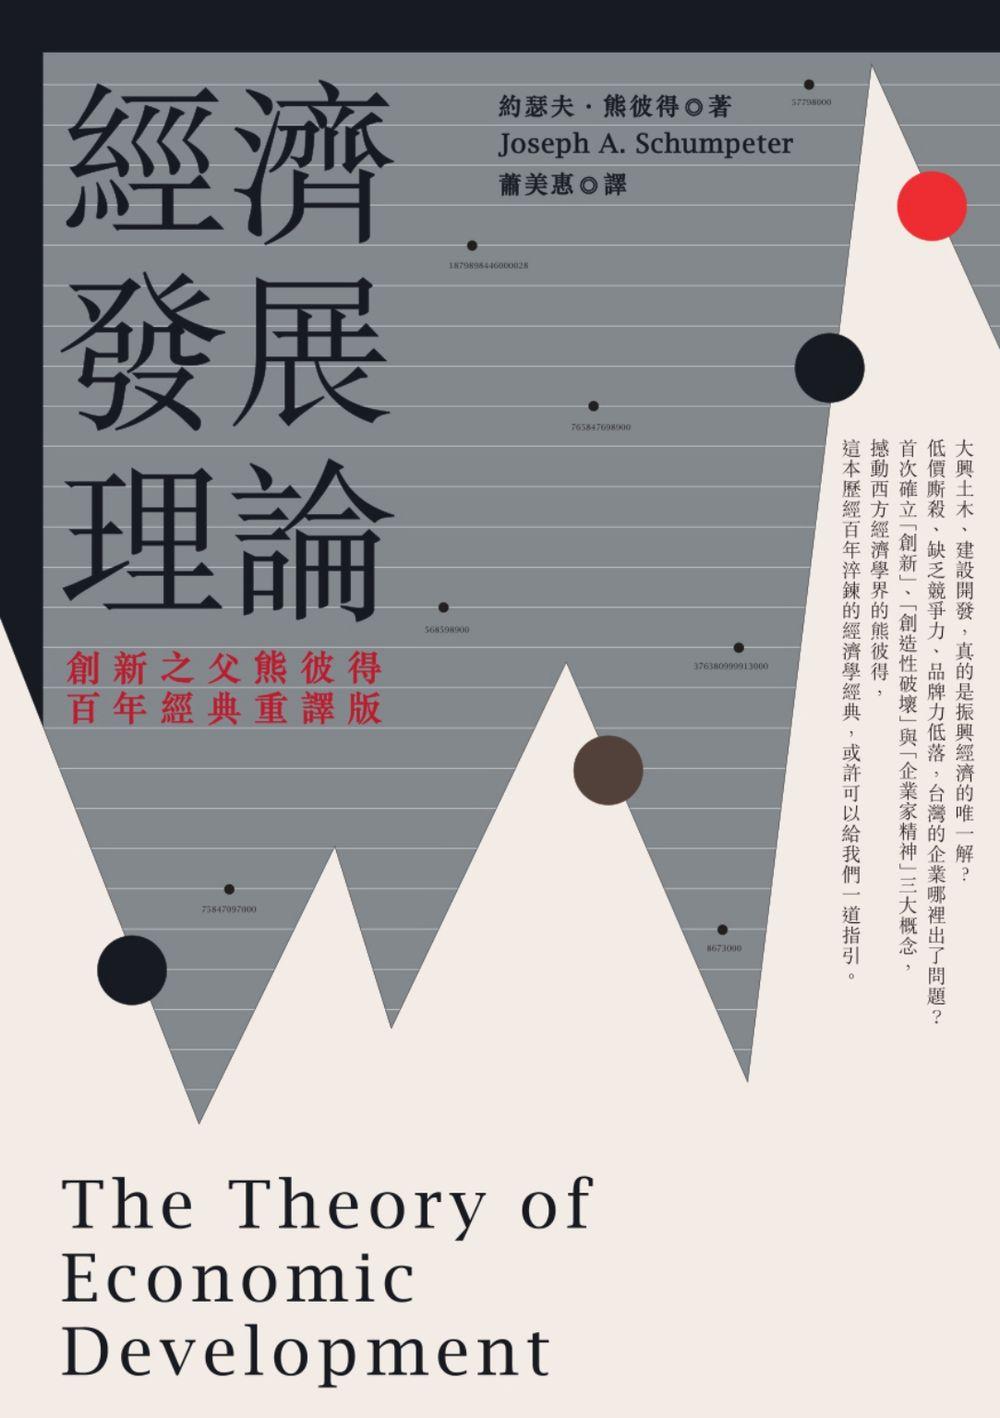 經濟發展理論(創新之父熊彼得‧百年經典重譯版) (電子書)